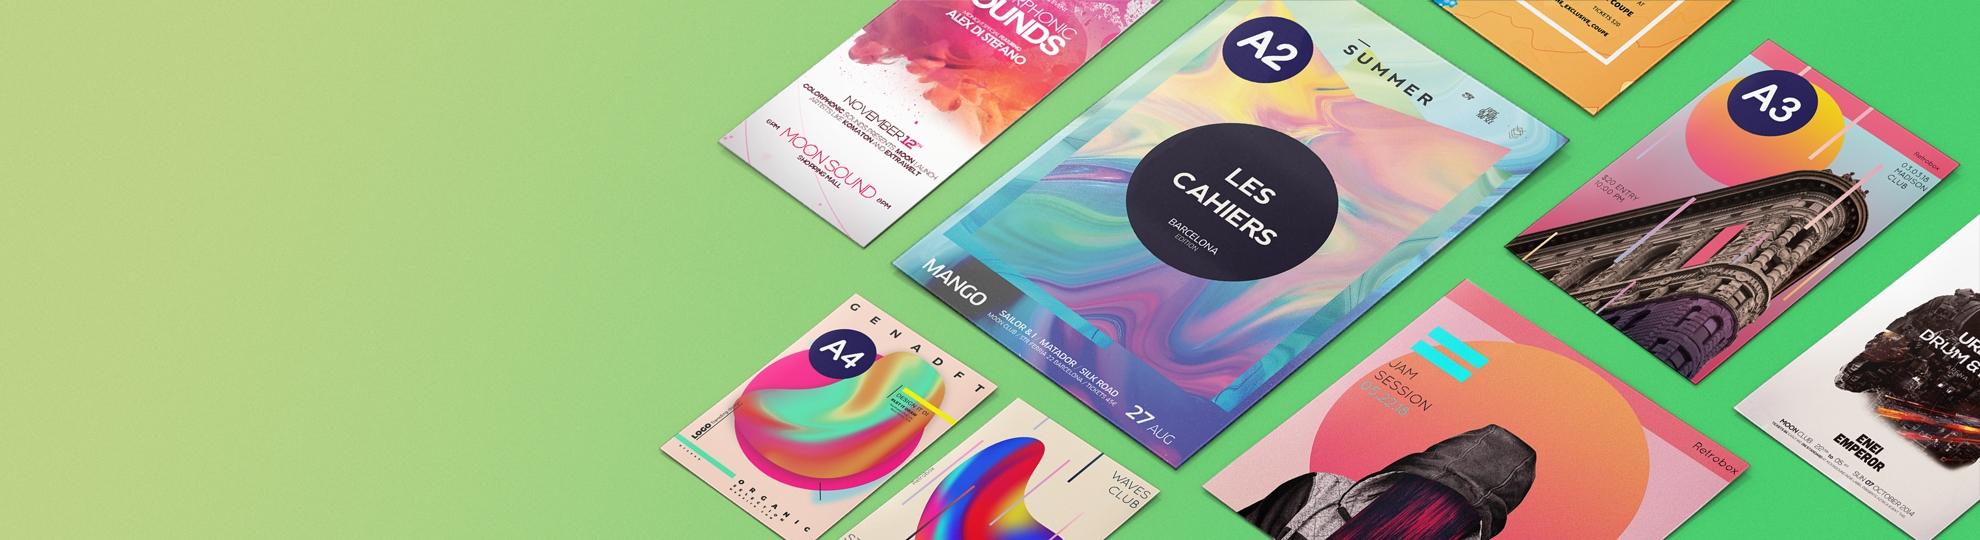 Affiche petit et moyen format publicitaire envoi express